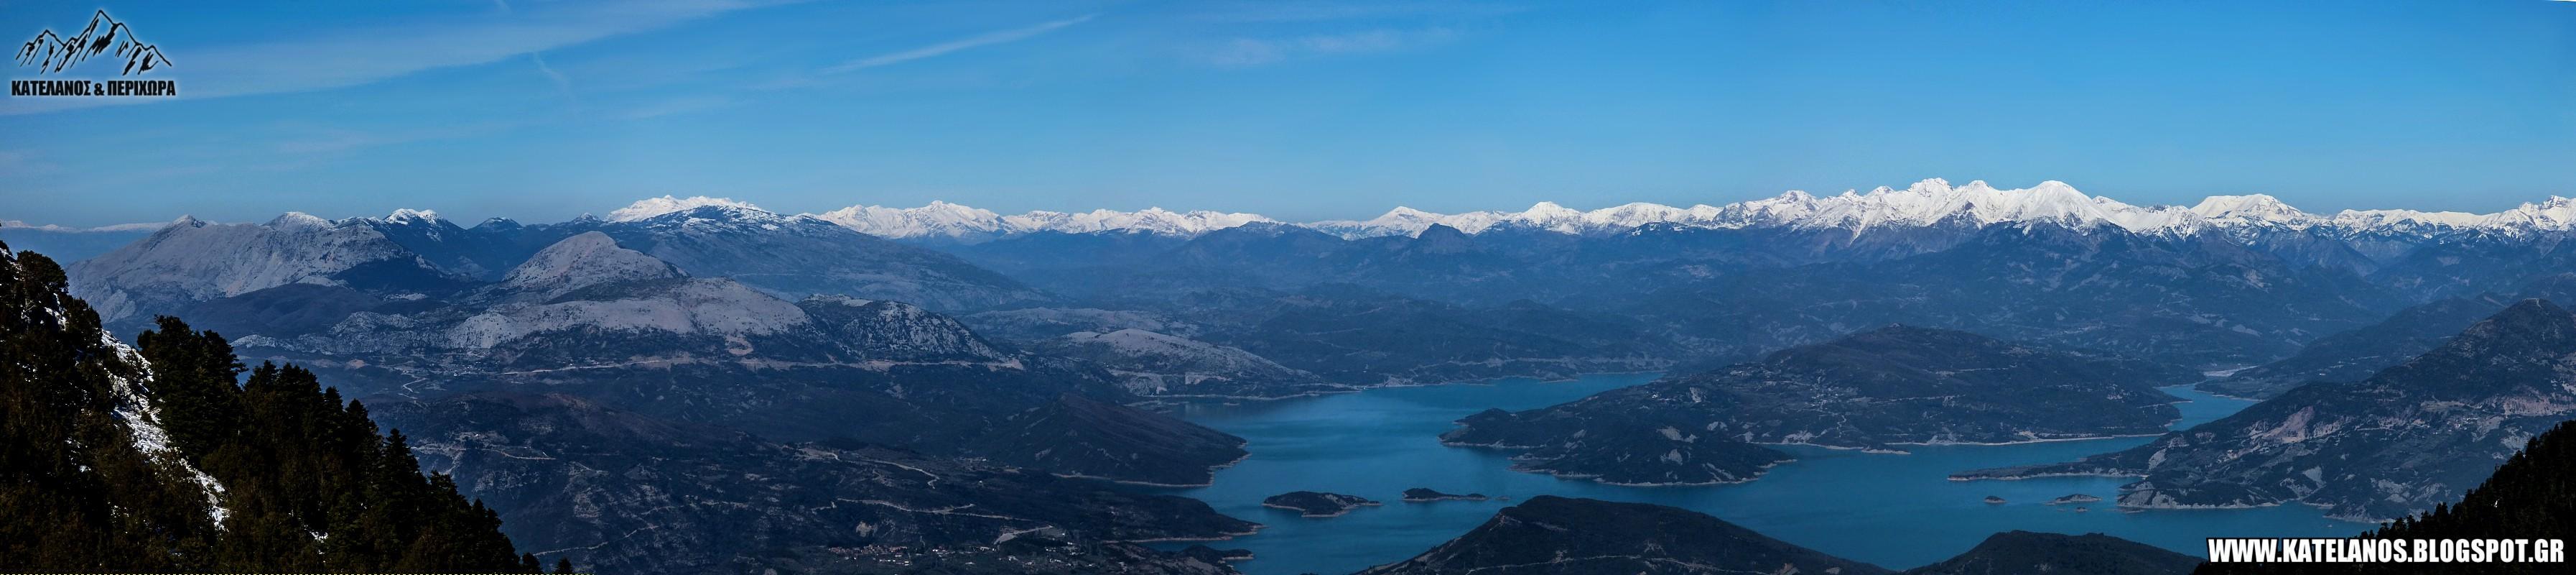 πανοραμα λιμνη κρεμαστων πανοραμικη φωτογραφια βουνα αγραφα τζουμερκα χιονισμενα